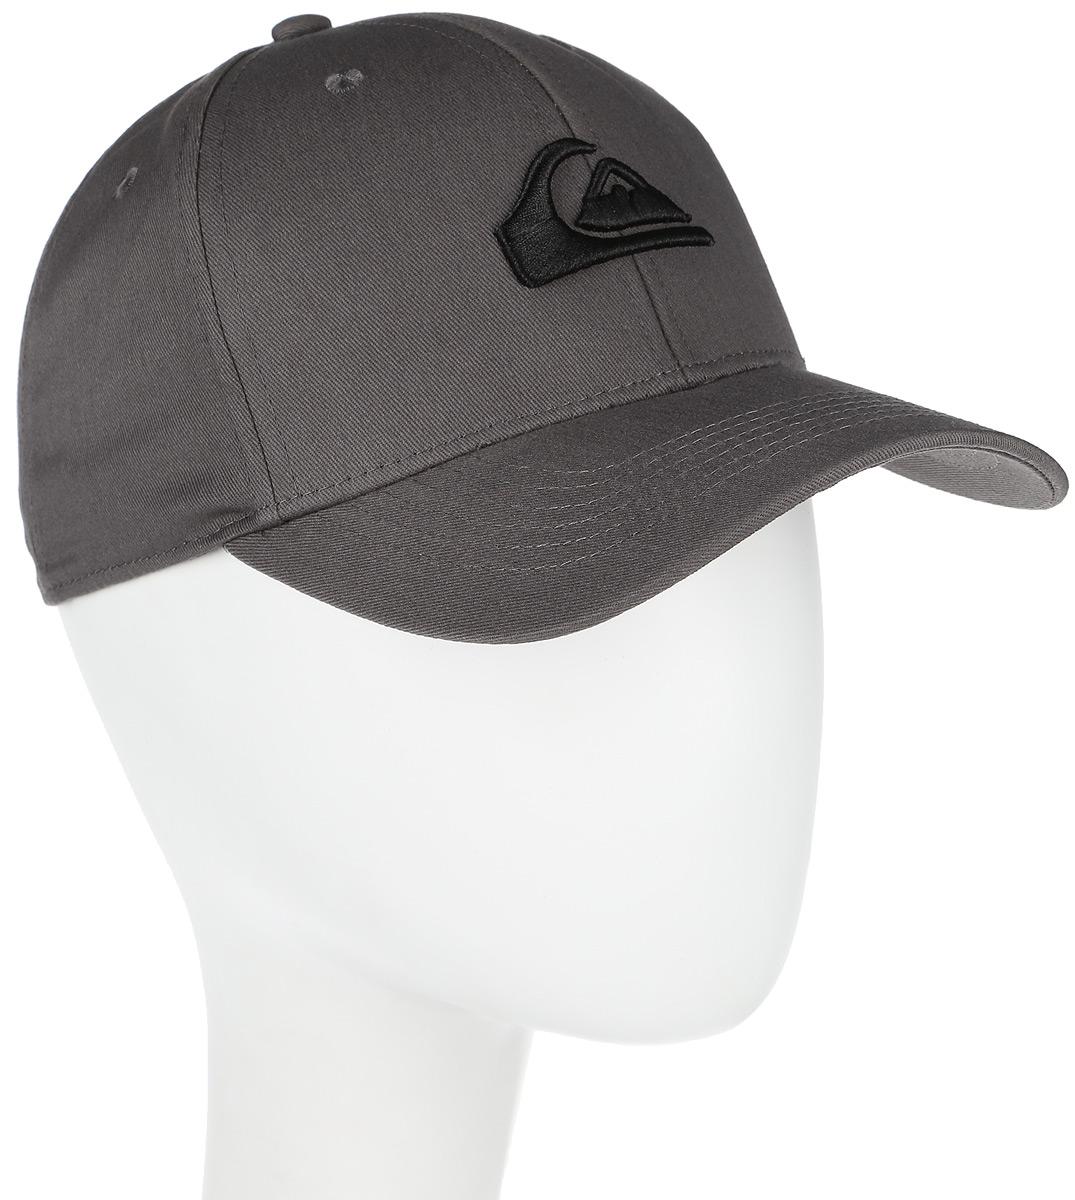 Бейсболка мужская Quiksilver Decades M, цвет: серый. AQYHA03387-KRP0. Размер универсальныйAQYHA03387-KRP0Классическая мужская бейсболка Quiksilver Decades M, изготовленная из полиэстера с добавлением хлопка, идеально подойдет для активного отдыха и обеспечит надежную защиту головы от солнца. Бейсболка имеет перфорацию, обеспечивающую дополнительную вентиляцию. Бейсболка декорирована вышивкой в виде логотипа производителя.Объем изделия регулируется благодаря двумя пластиковым хлястикам с кнопками и перфорацией. Такая бейсболка станет отличным аксессуаром для занятий спортом или дополнит ваш повседневный образ.